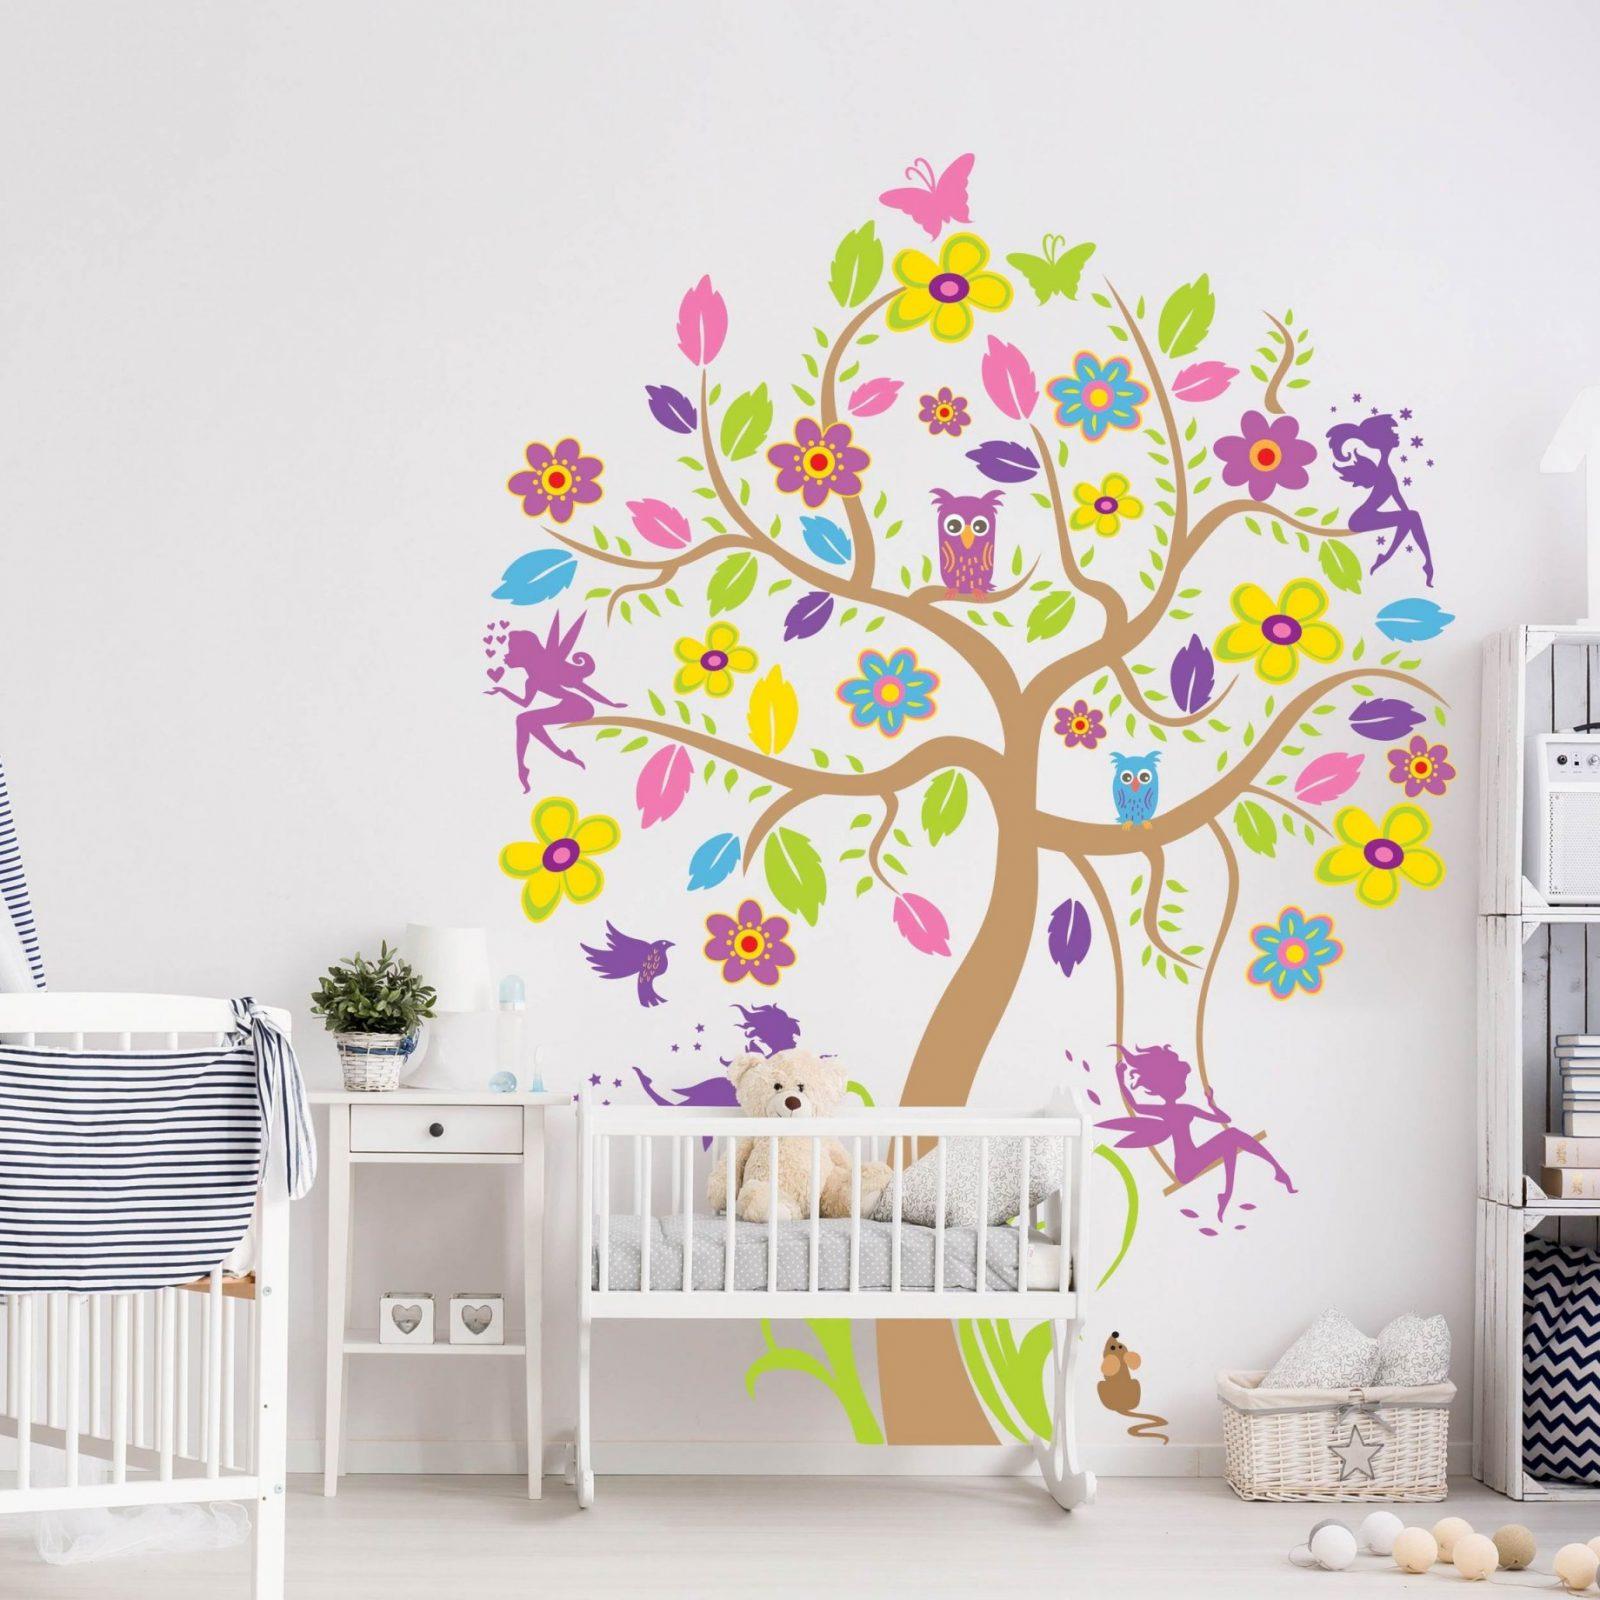 Wandtattoo Babyzimmer Wald  Baum  Vögel Schmetterling Eule Nobp26 von Wandtattoo Baum Kinderzimmer Xxl Photo